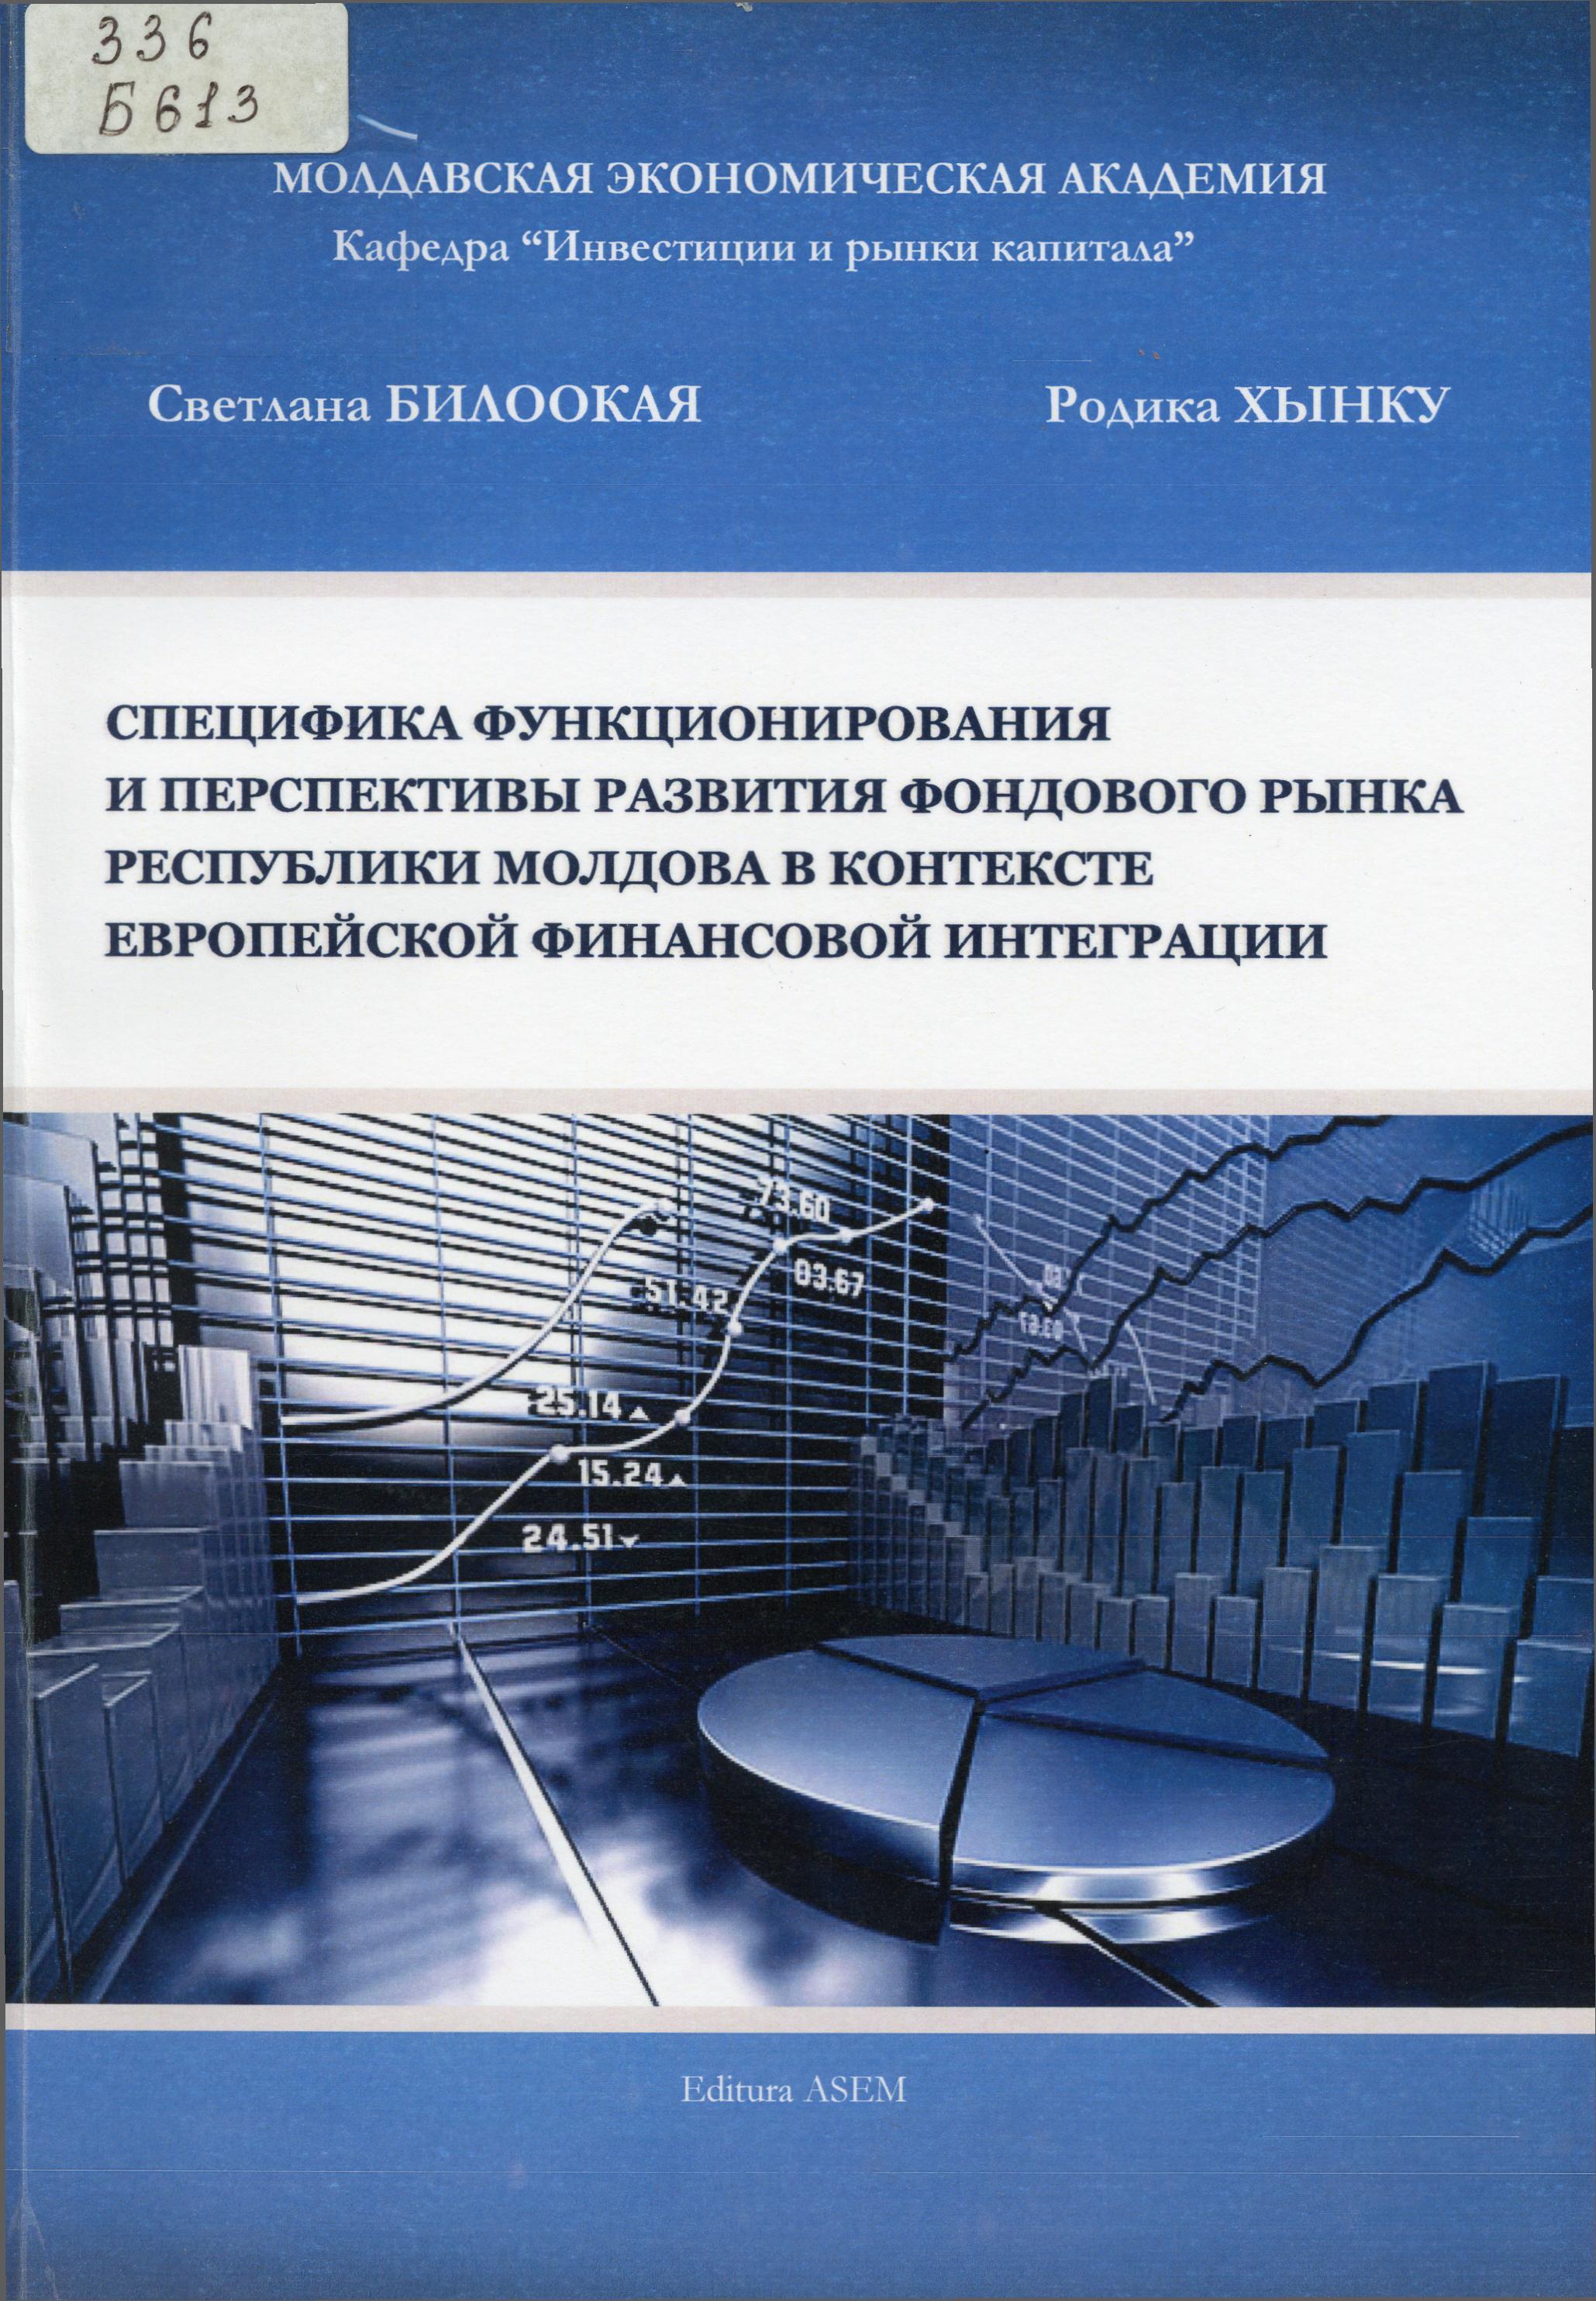 Специфика функционирования и перспективы развития фондового рынка Республики Молдова в контексте европейской финансовой интеграции.